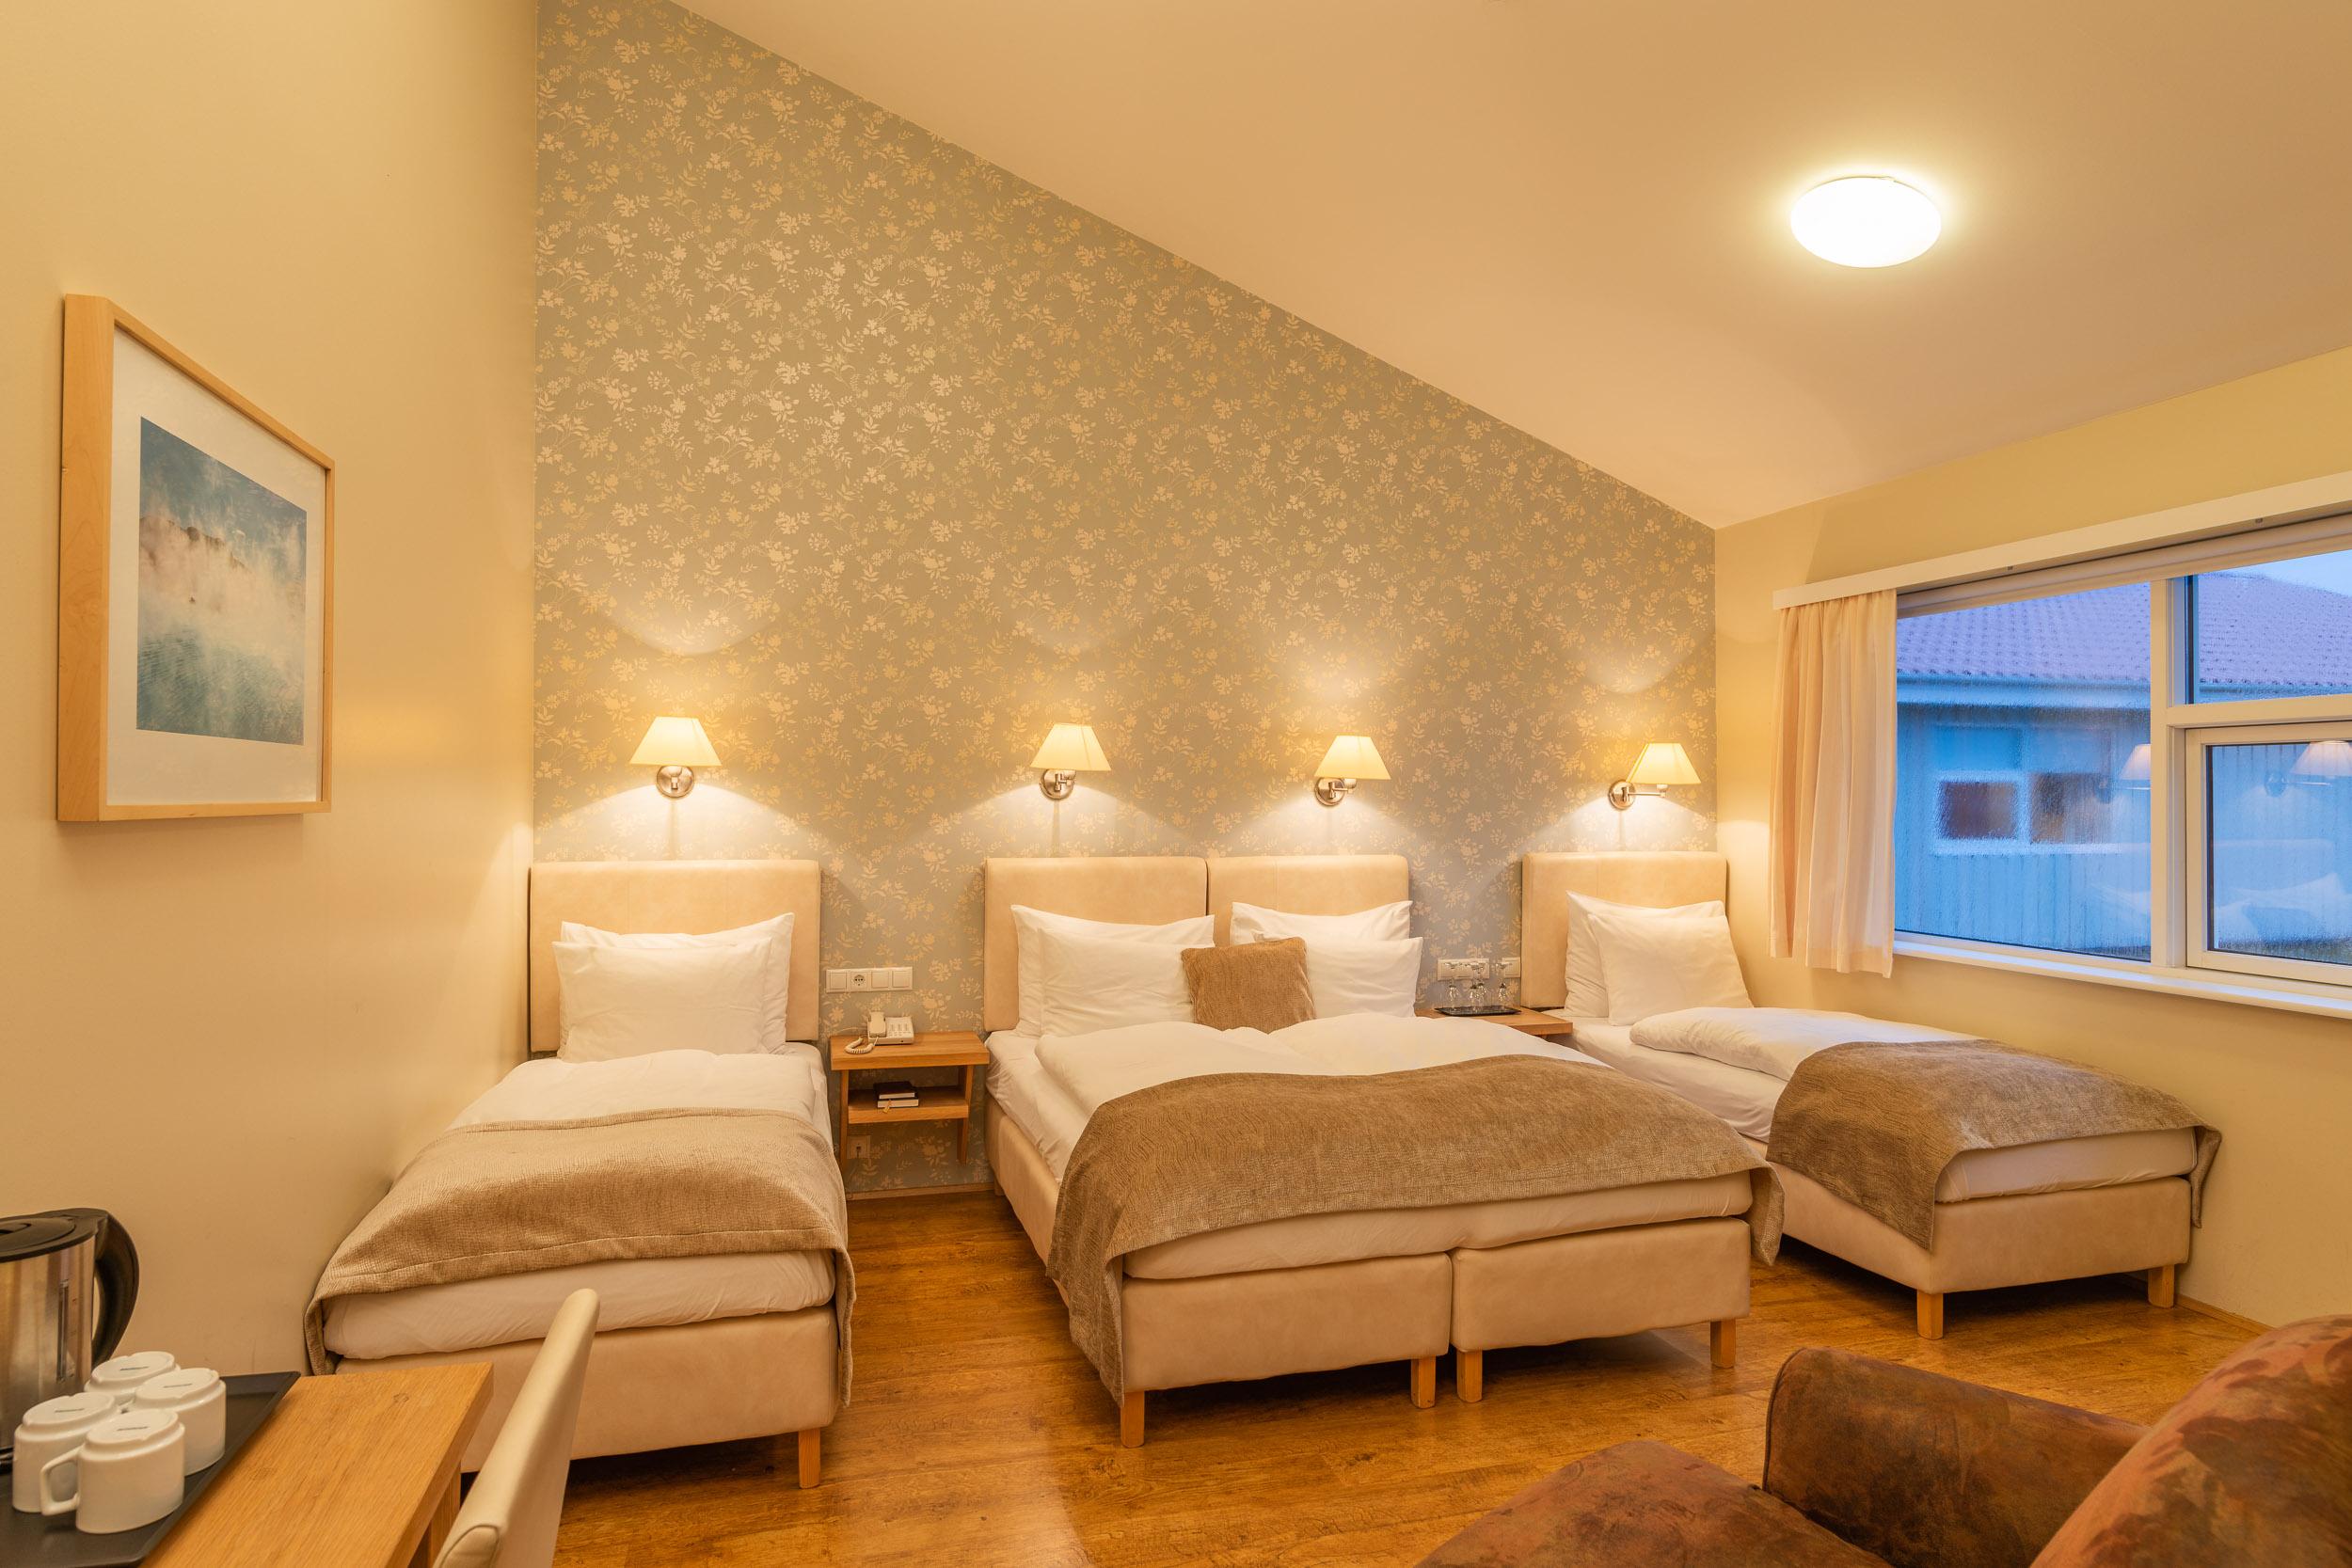 Northern Light Inn Family Room